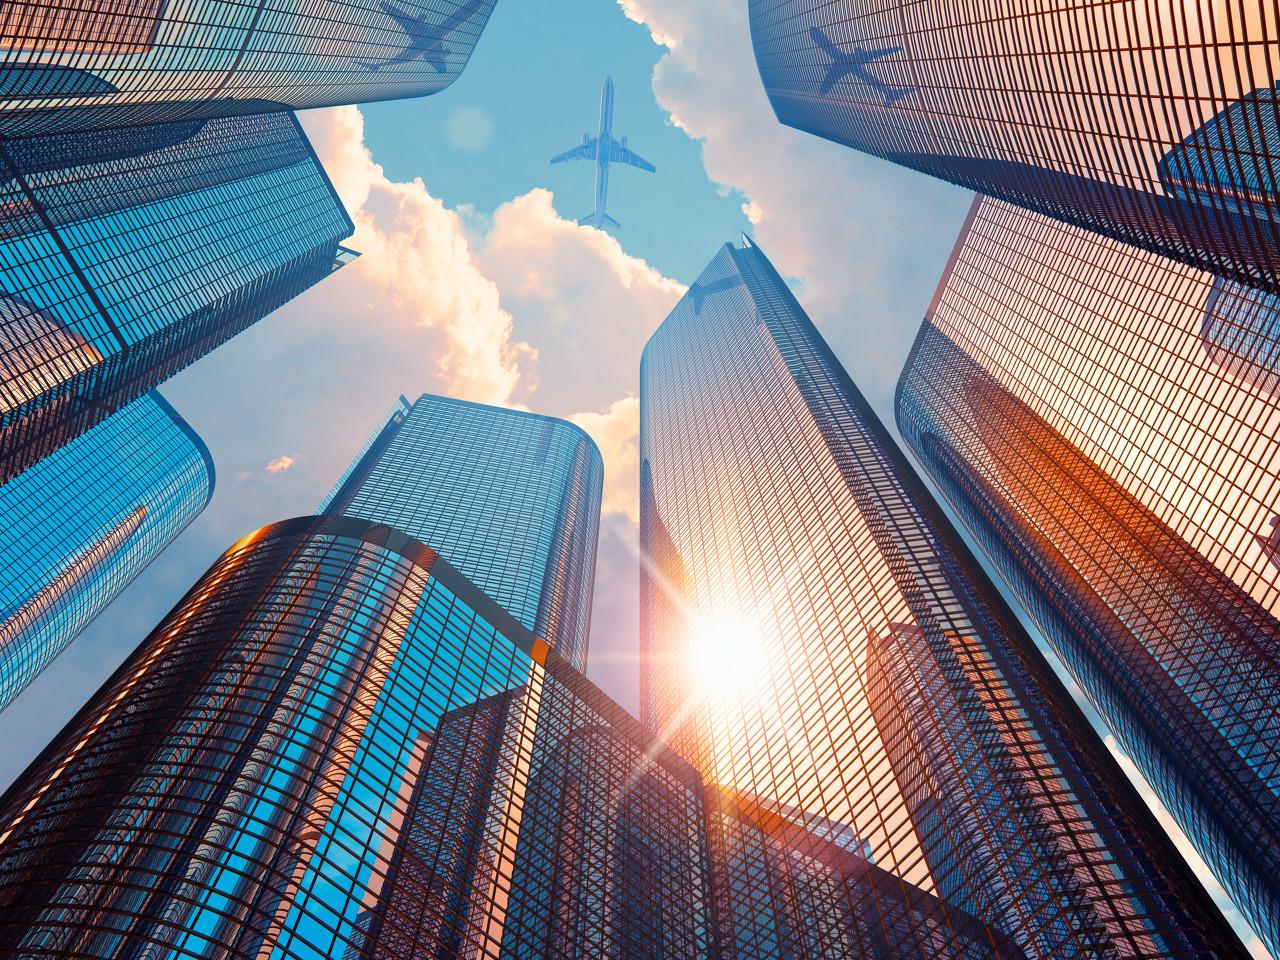 国家首提收缩型城市,哪些城市或不幸入选?